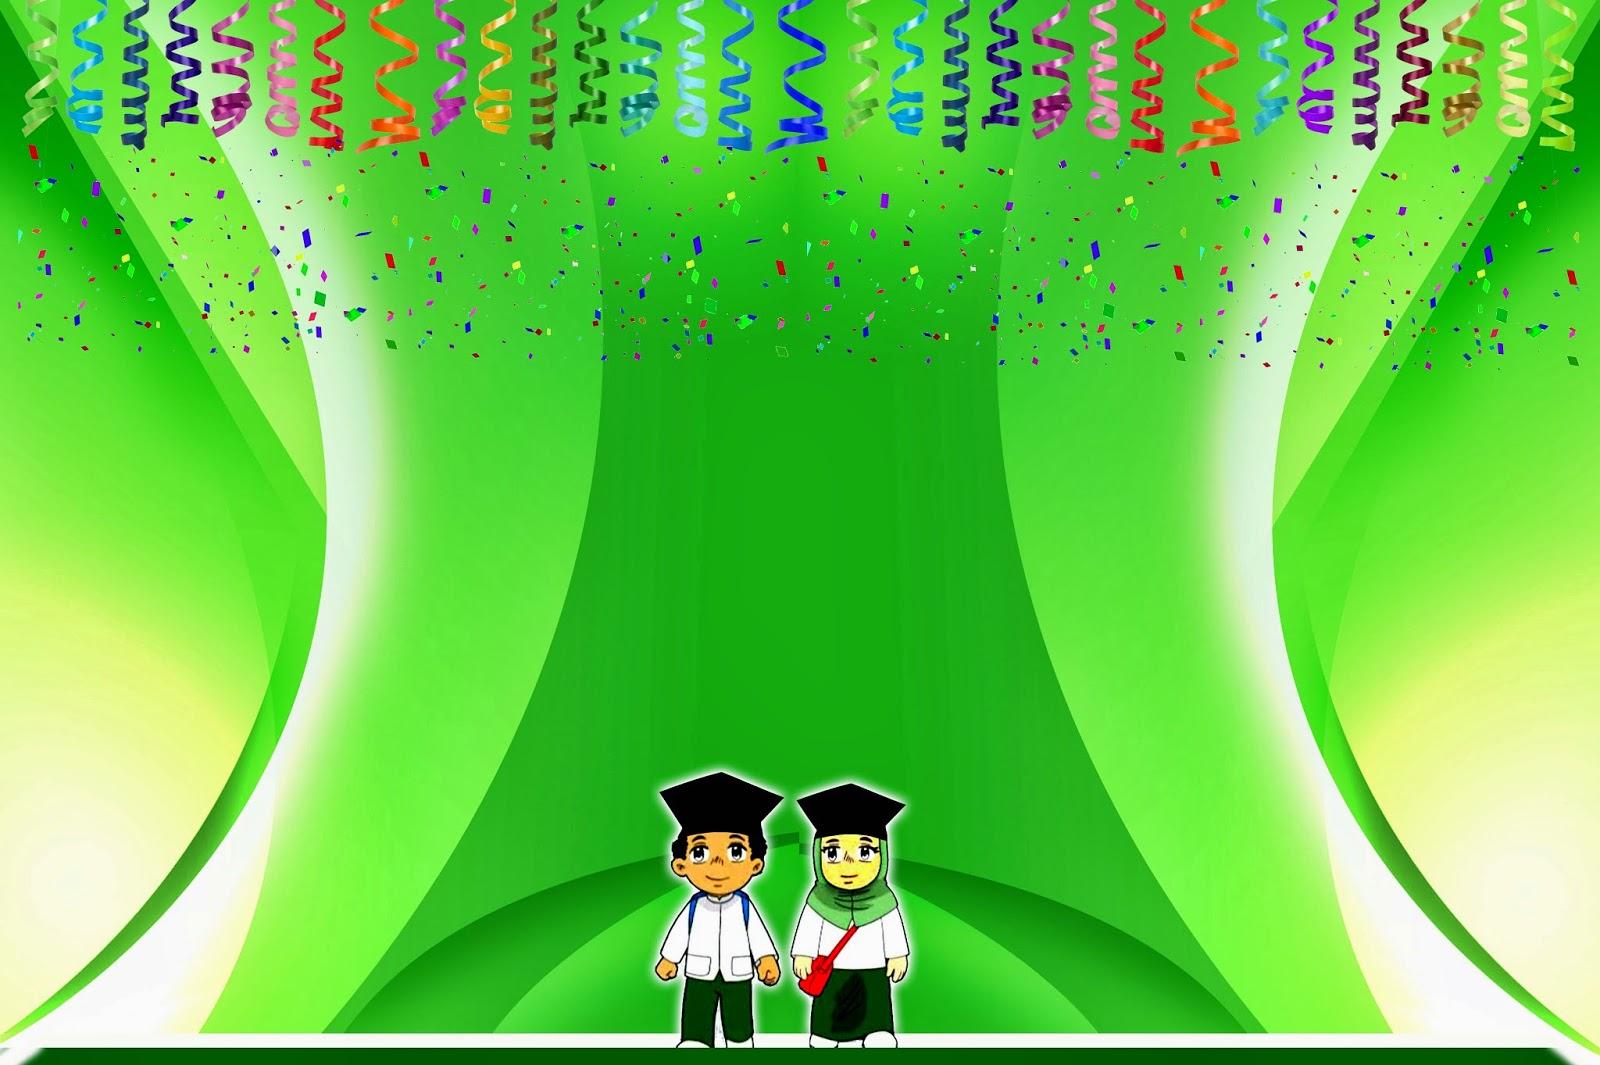 Design banner wisuda - Haflah Akhirussanah Dan Wisuda Tpq 1